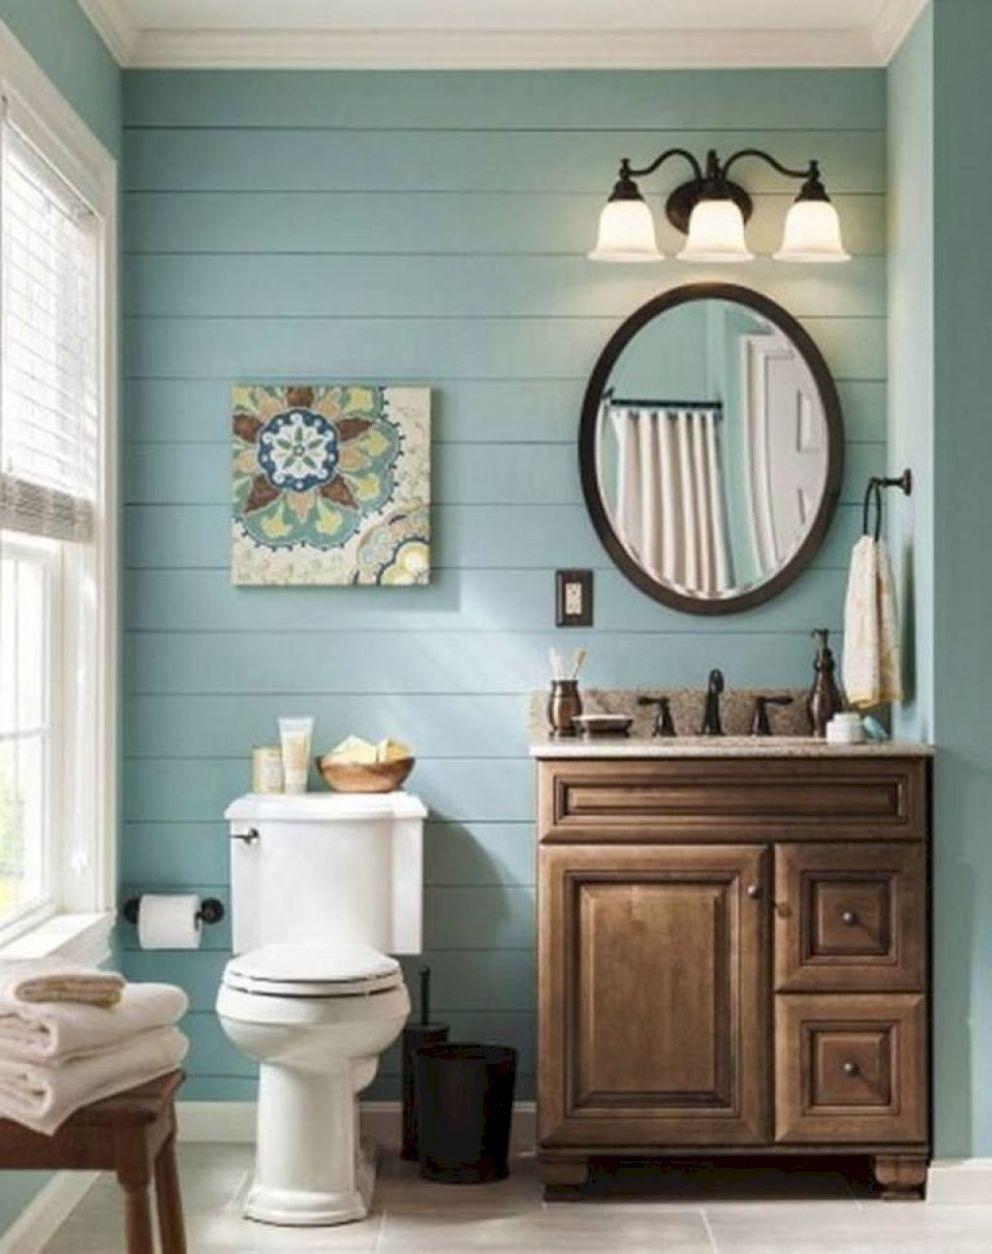 Badezimmer dekor mit fliesen small bathroom decor and design ideas   bathroom ideas  pinterest